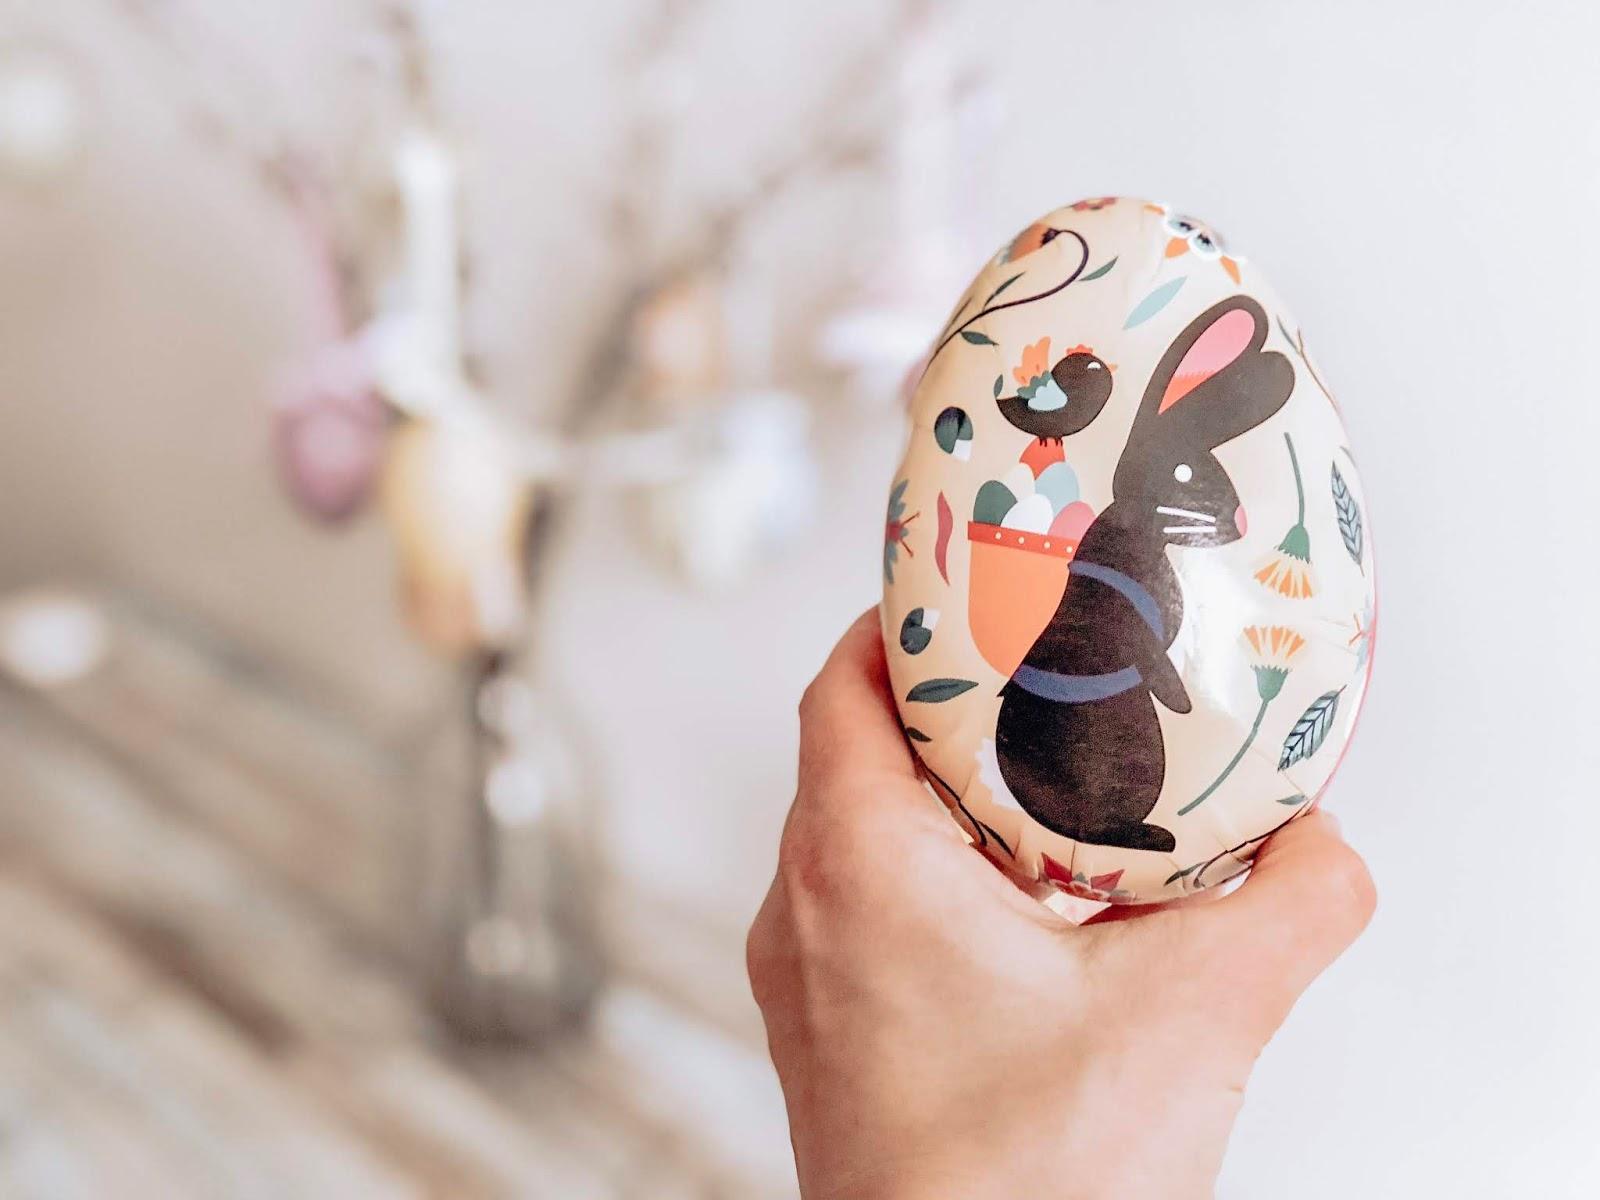 Pääsiäisyllätys ilman suklaaövereitä